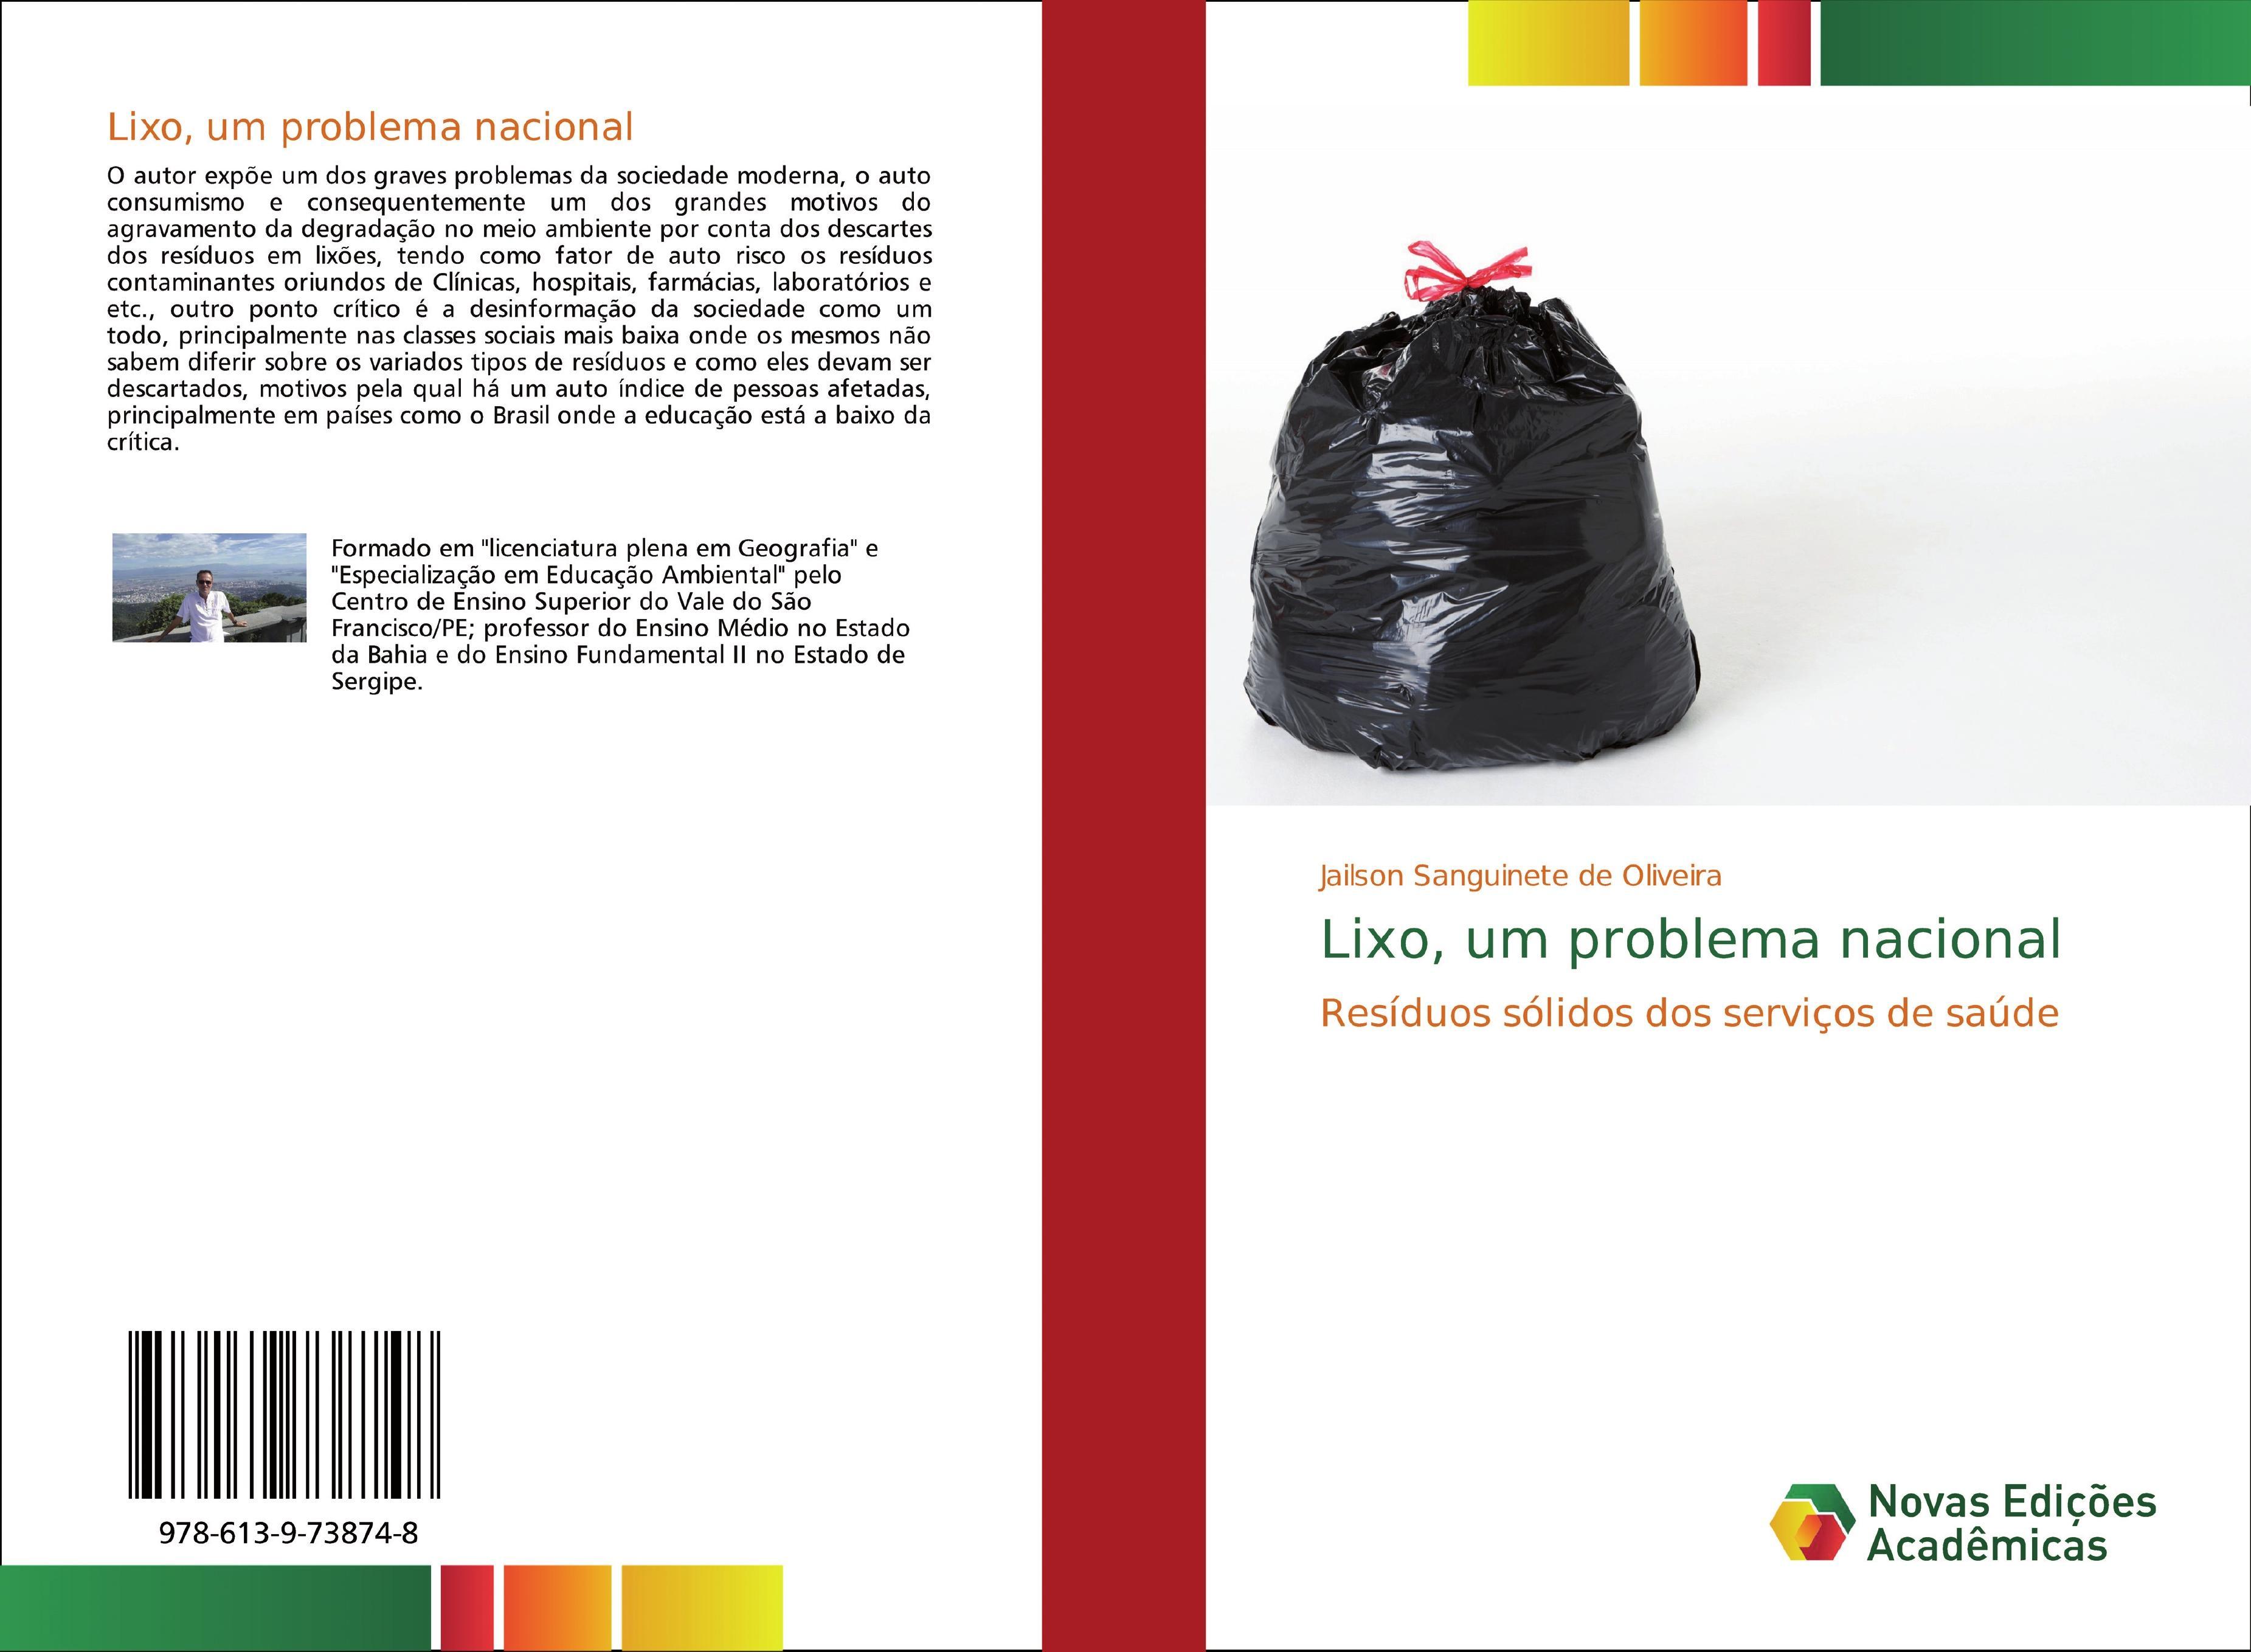 Lixo, um problema nacional  Resíduos sólidos dos serviços de saúde  Jailson Sanguinete de Oliveira  Taschenbuch  Paperback  Portugiesisch  2019 - Sanguinete de Oliveira, Jailson